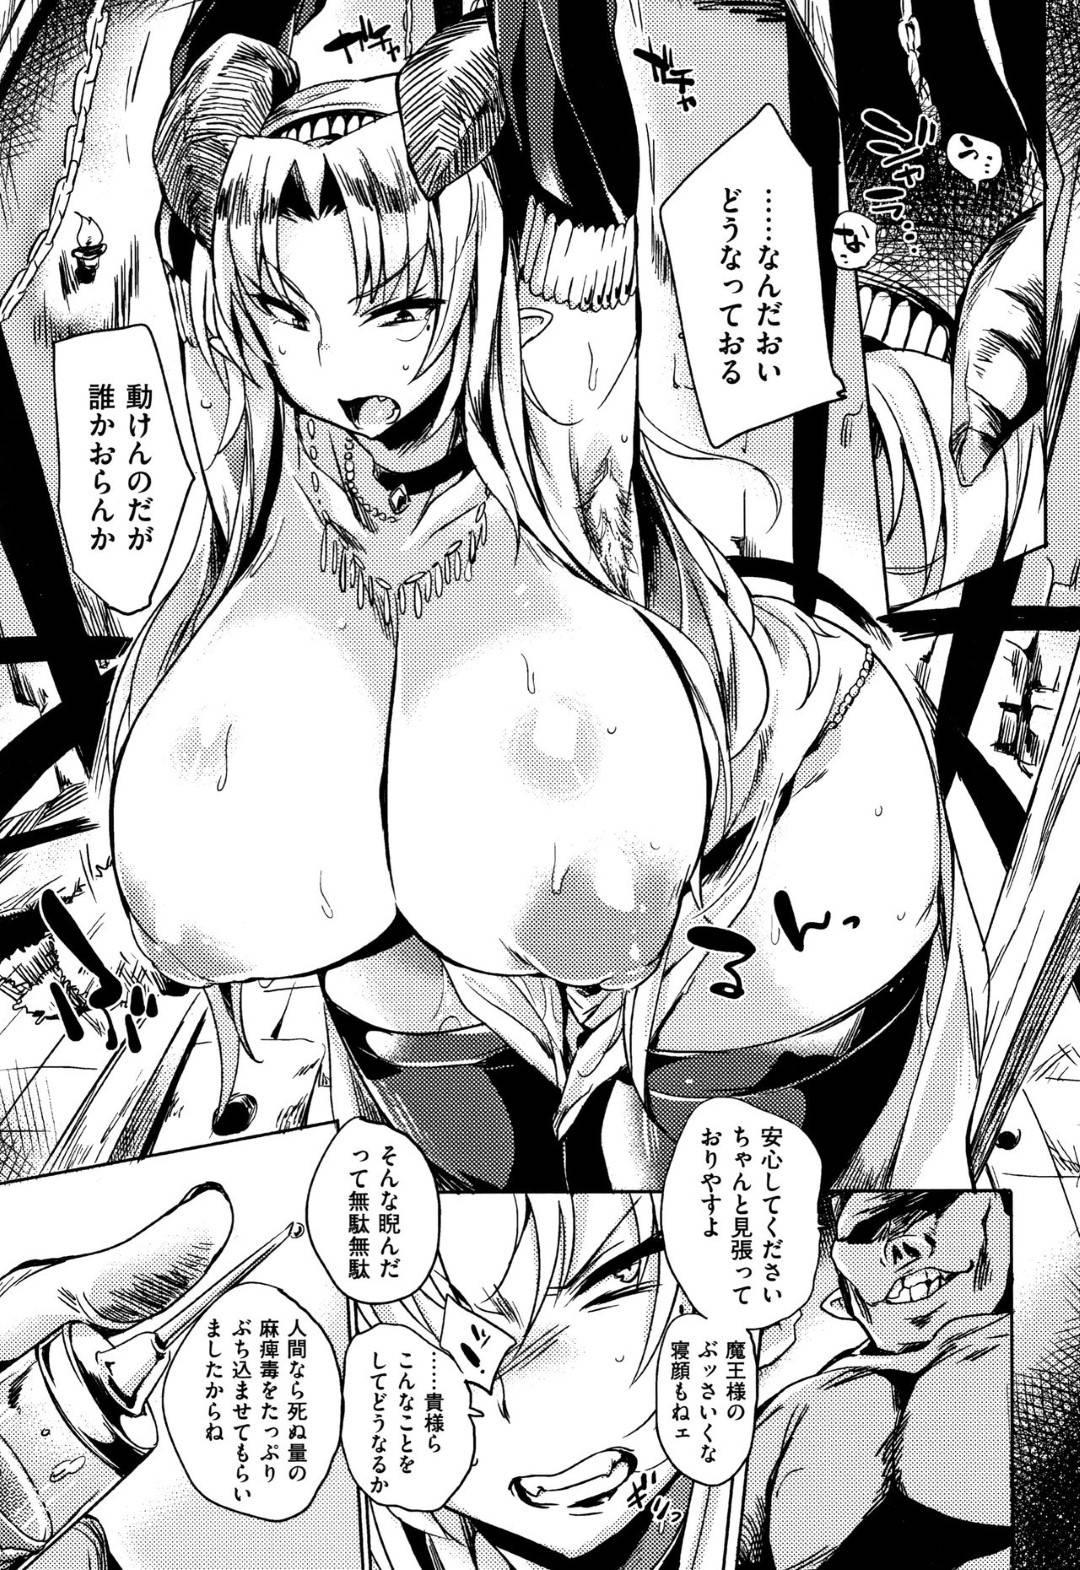 【エロ同人誌】部下のオークたちの怒りを買ってしまった高飛車な女魔王。拘束されてしまった彼女は媚薬を注入され、オークのデカマラで調教セックスを受ける事になってしまう。【オリジナル】